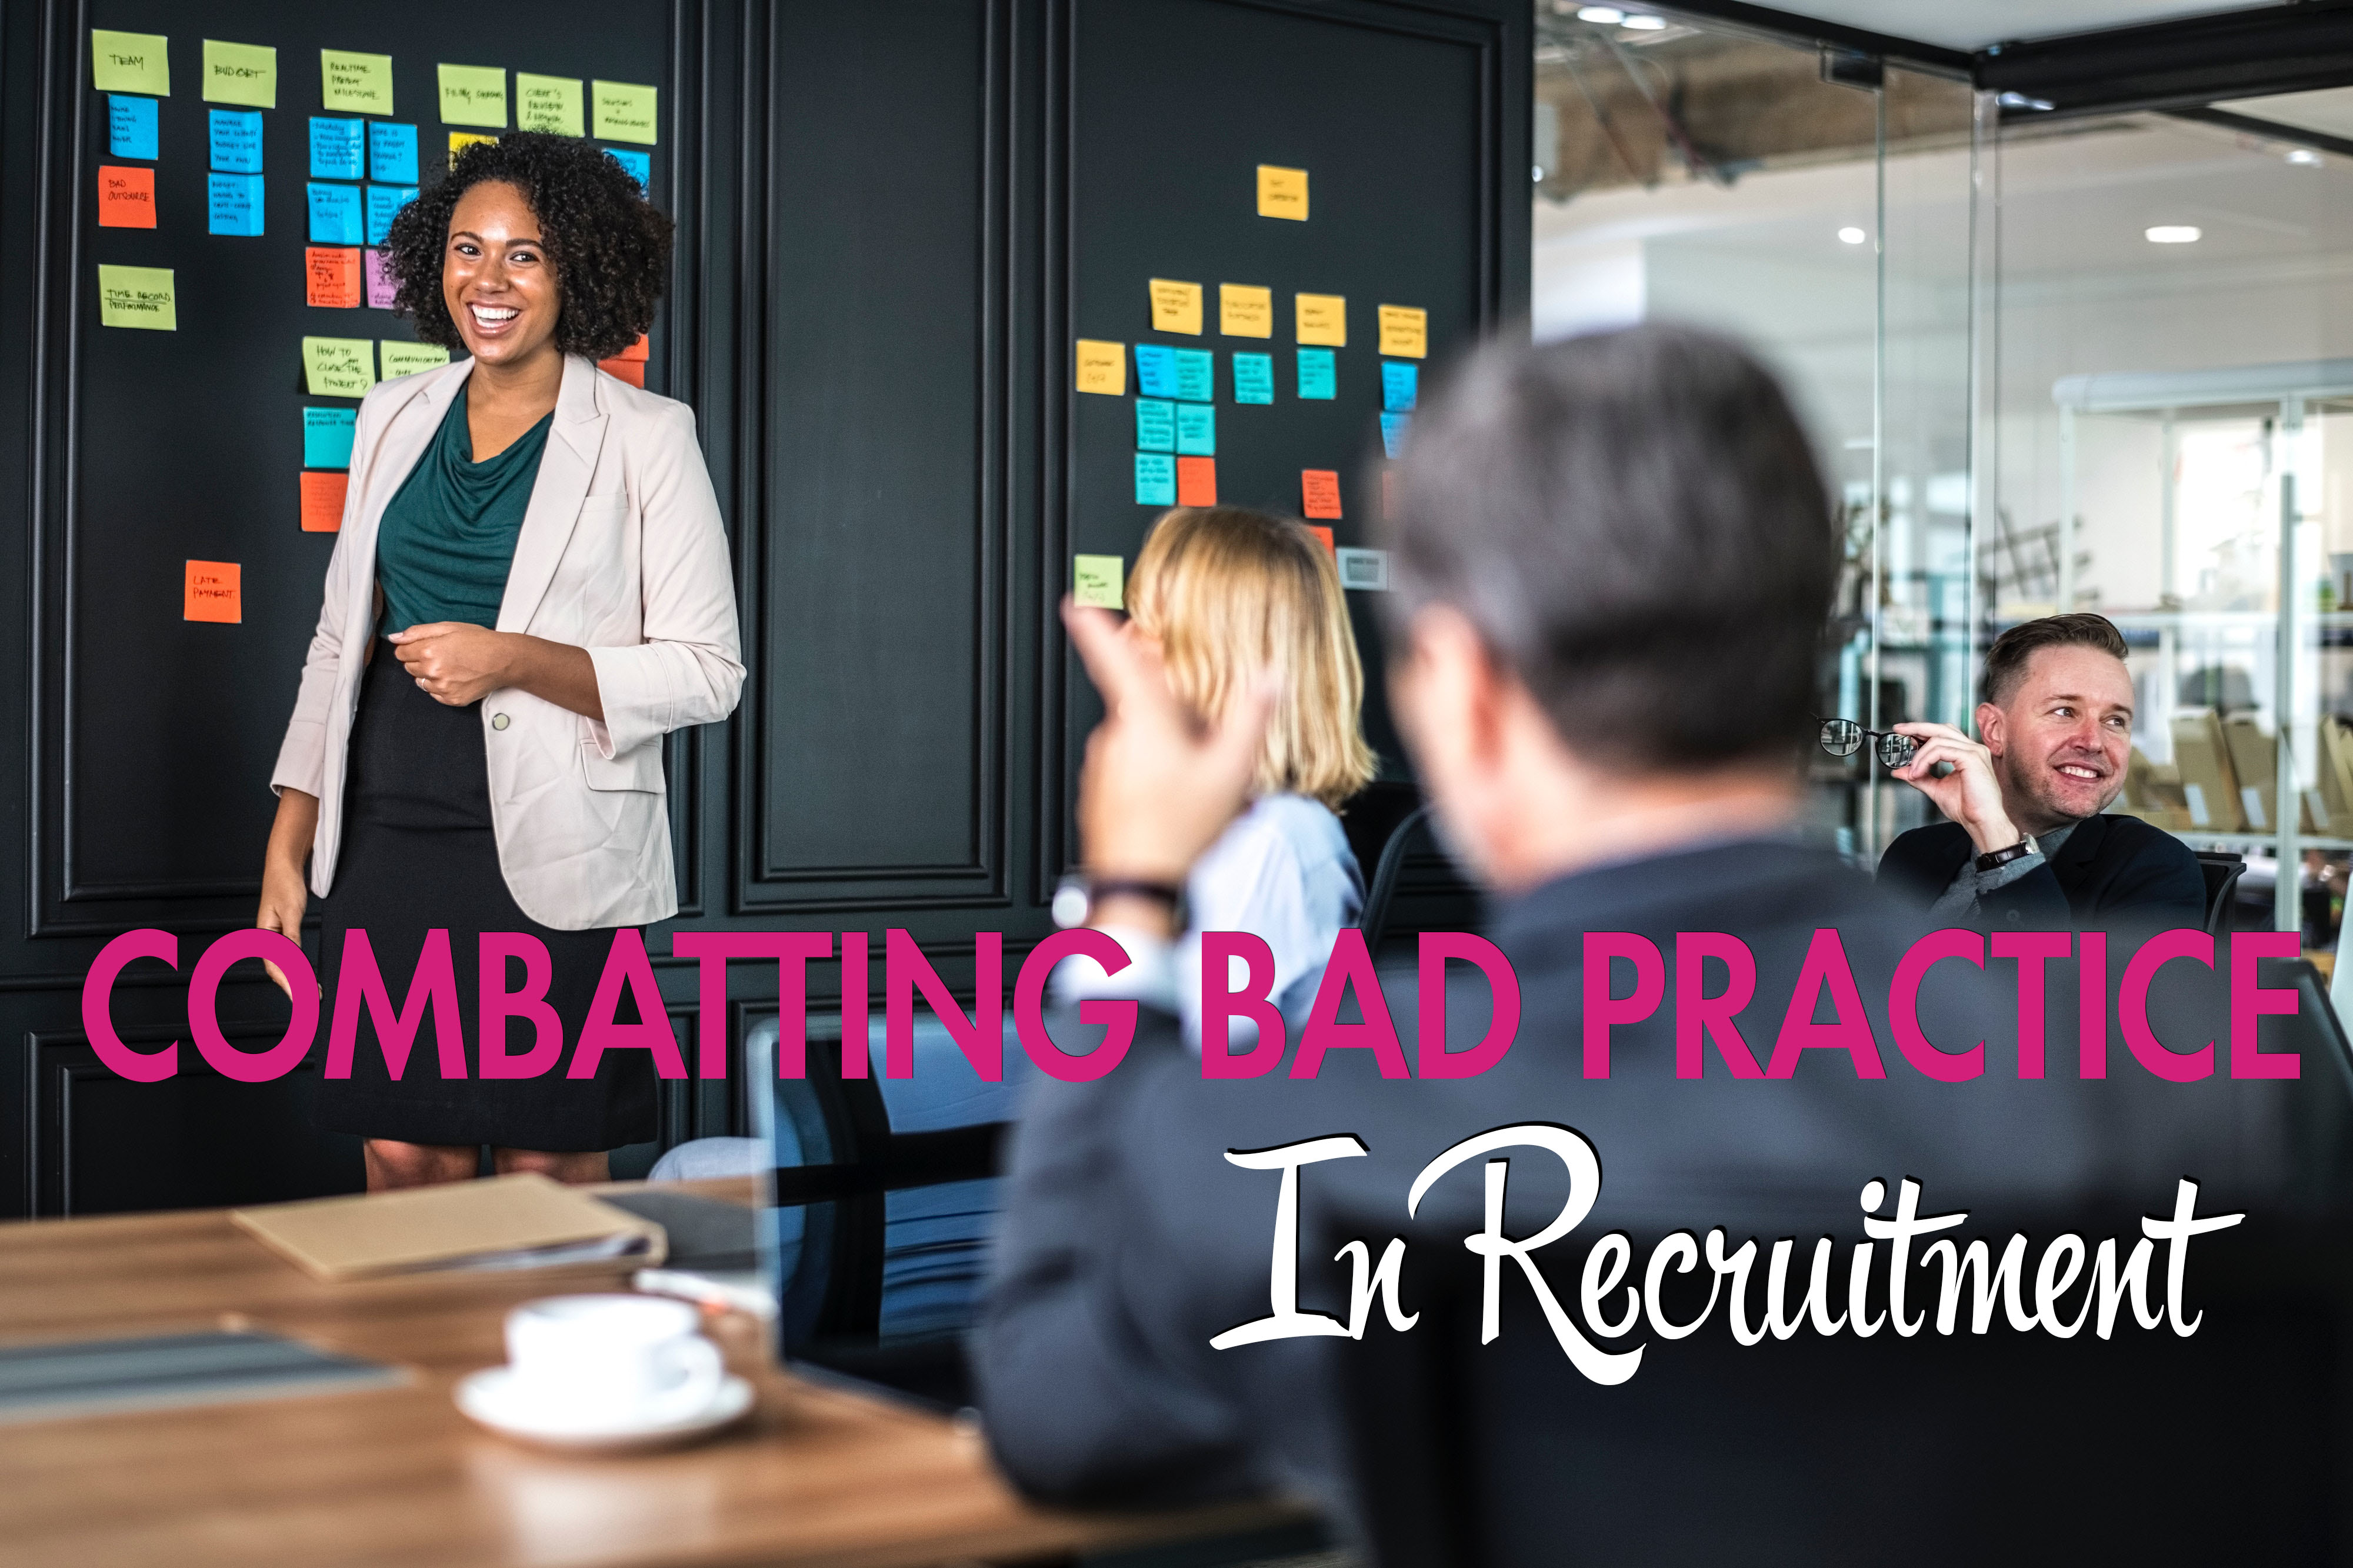 combatting bad practice in recruitment